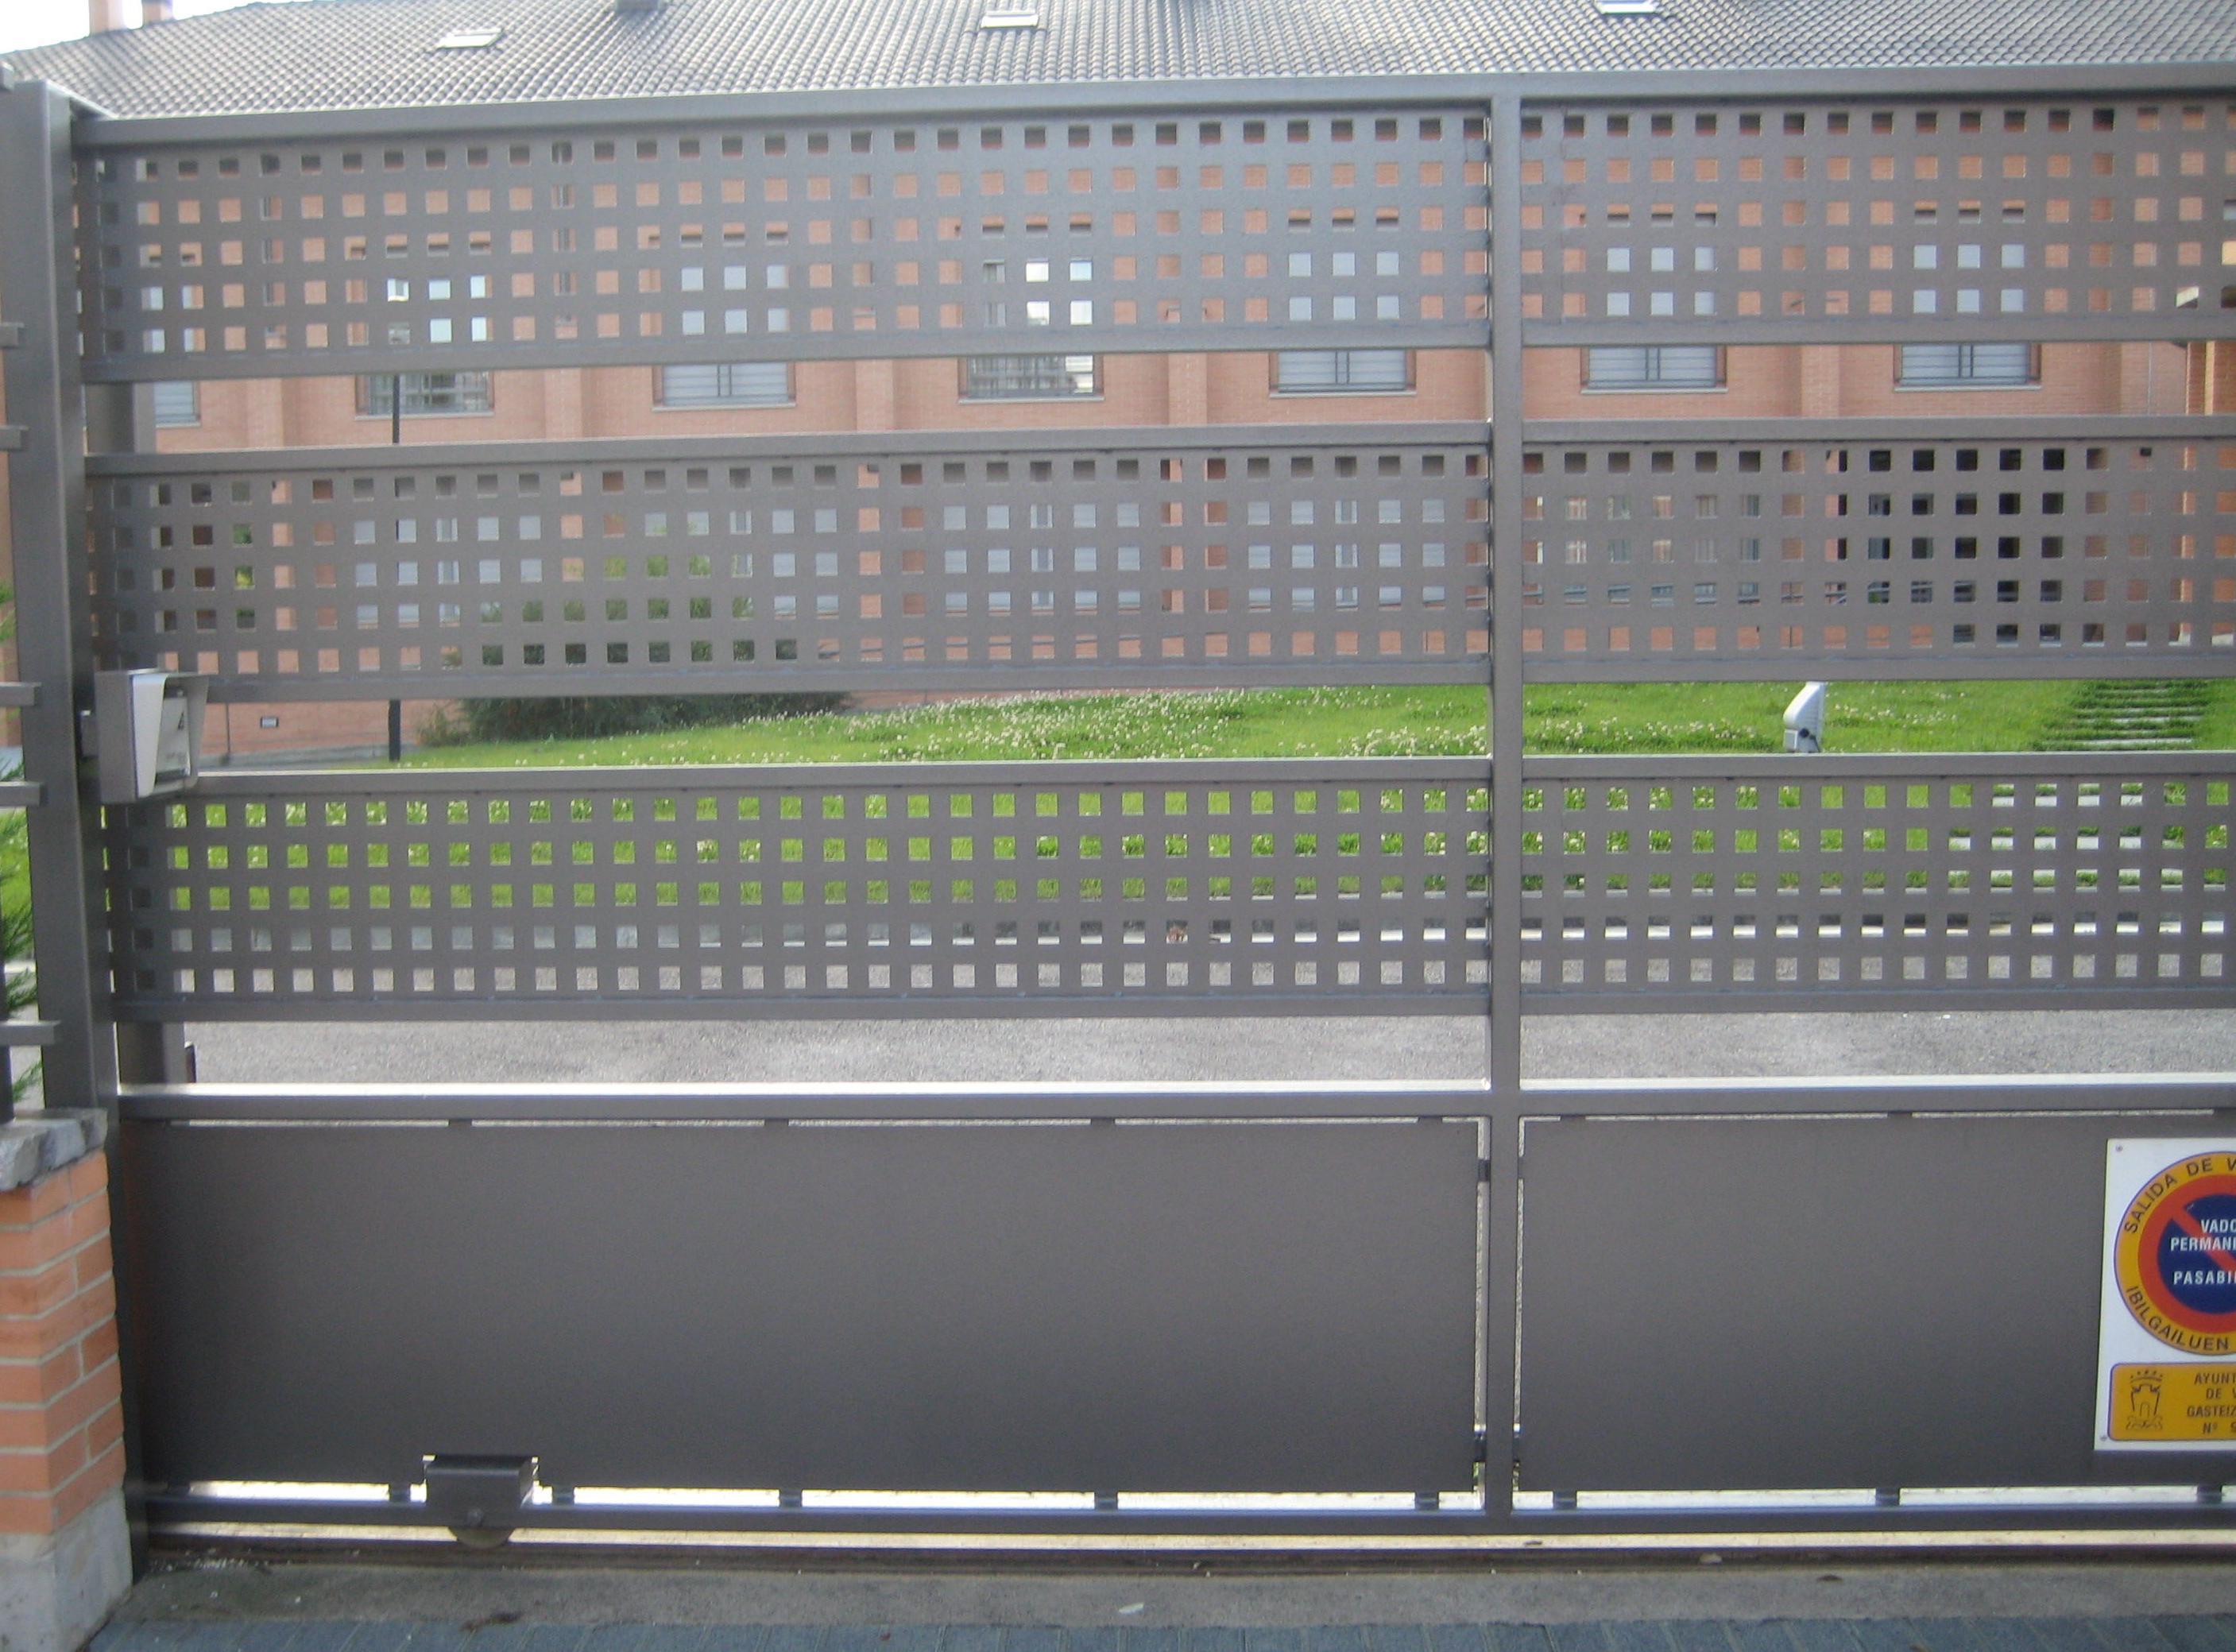 Foto 5 de Carpintería metálica y herrería en Vitoria-Gasteiz | Talleres Sabarte